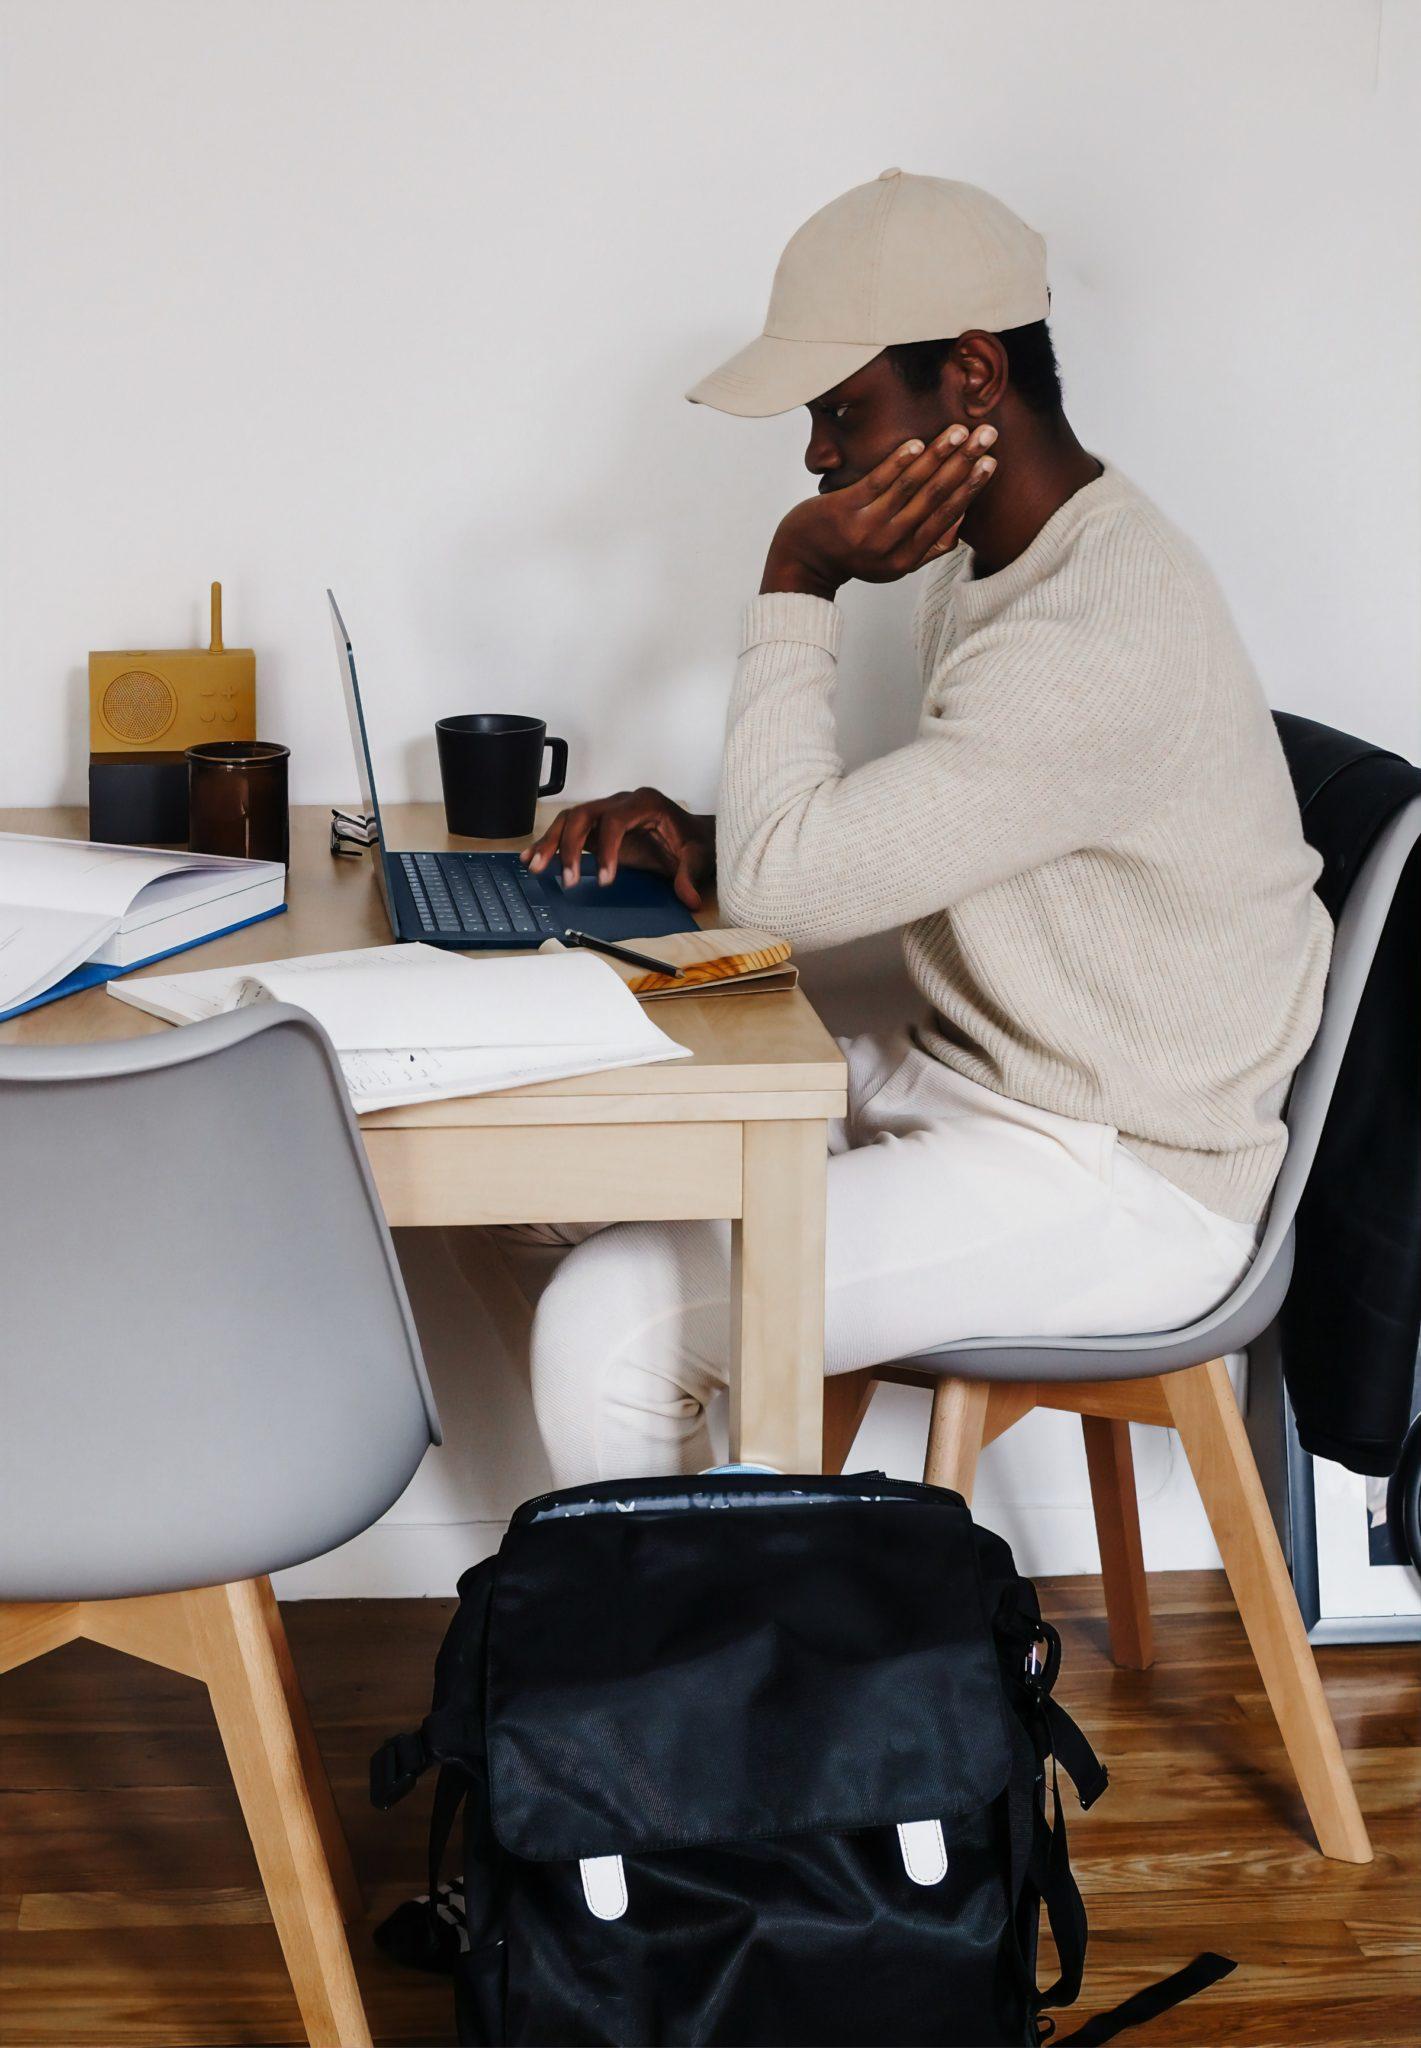 man wearing baseball cap sitting at desk with laptop